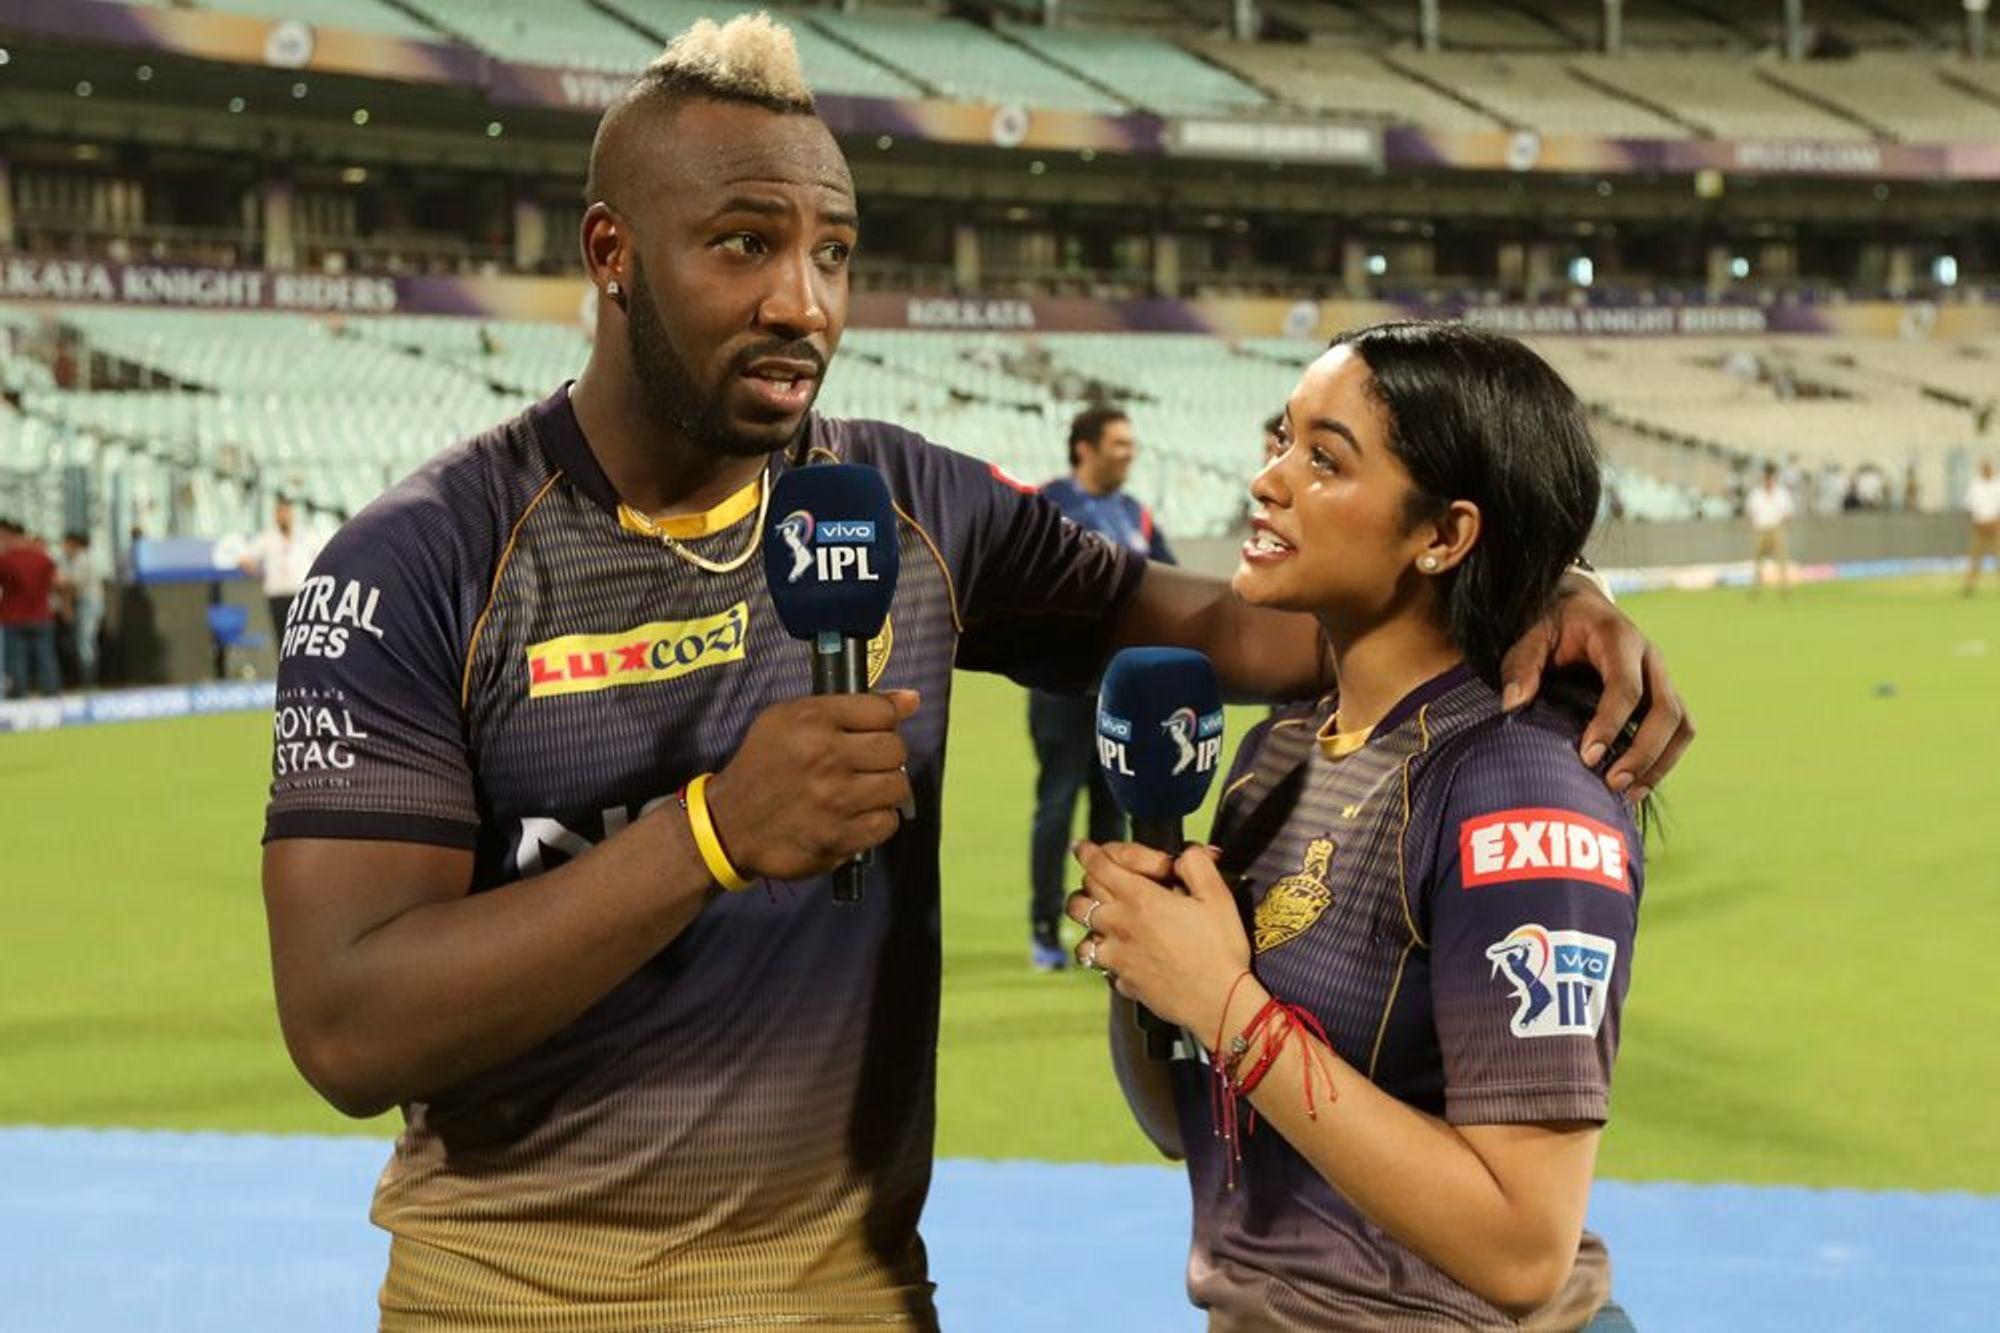 आईपीएल 2019: मॉडल पत्नी के सामने आंद्रे रसेल ने खोला अपनी आतिशी बल्लेबाजी का राज, इस वजह से लगाते हैं लम्बे लम्बे छक्के 23